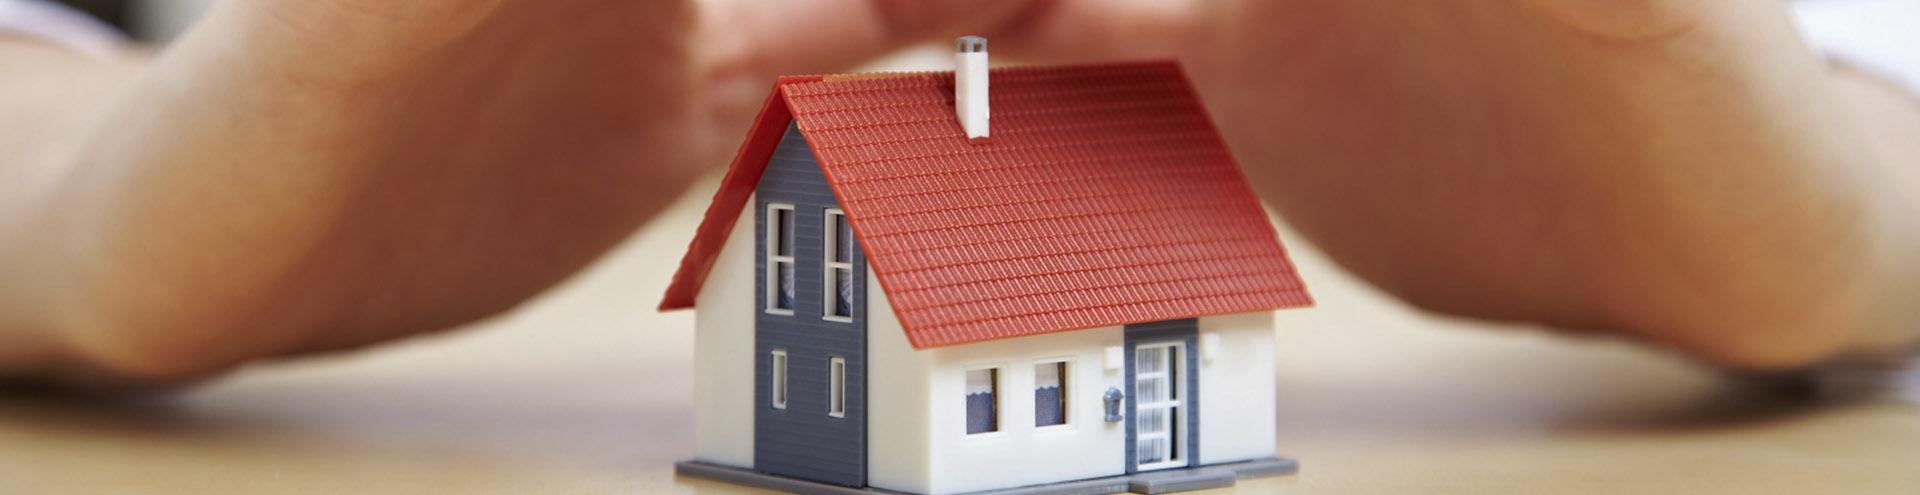 Жилищные споры, разрешение жилищных споров в Уфе и Республике Башкорстан